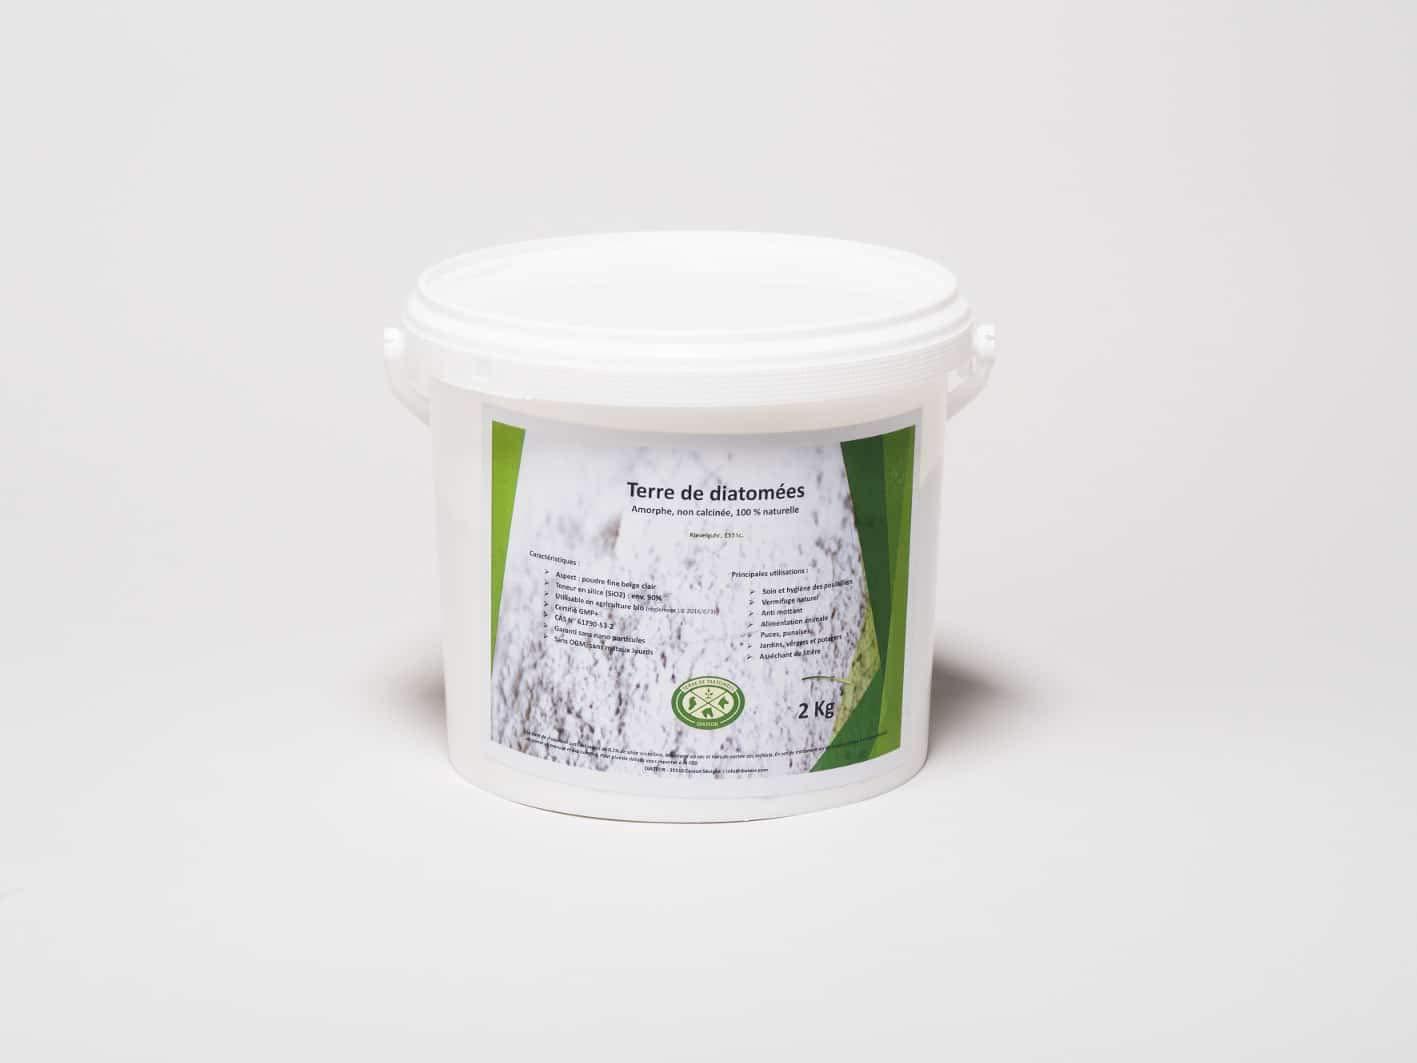 Terre de diatomée Poudre, Alimentaire - Seau de 1kg Utilisable en Agriculture Biologique - Haute pureté sans Traitement - Nombreux usages en Basse Cour Maison. Diamix Europe